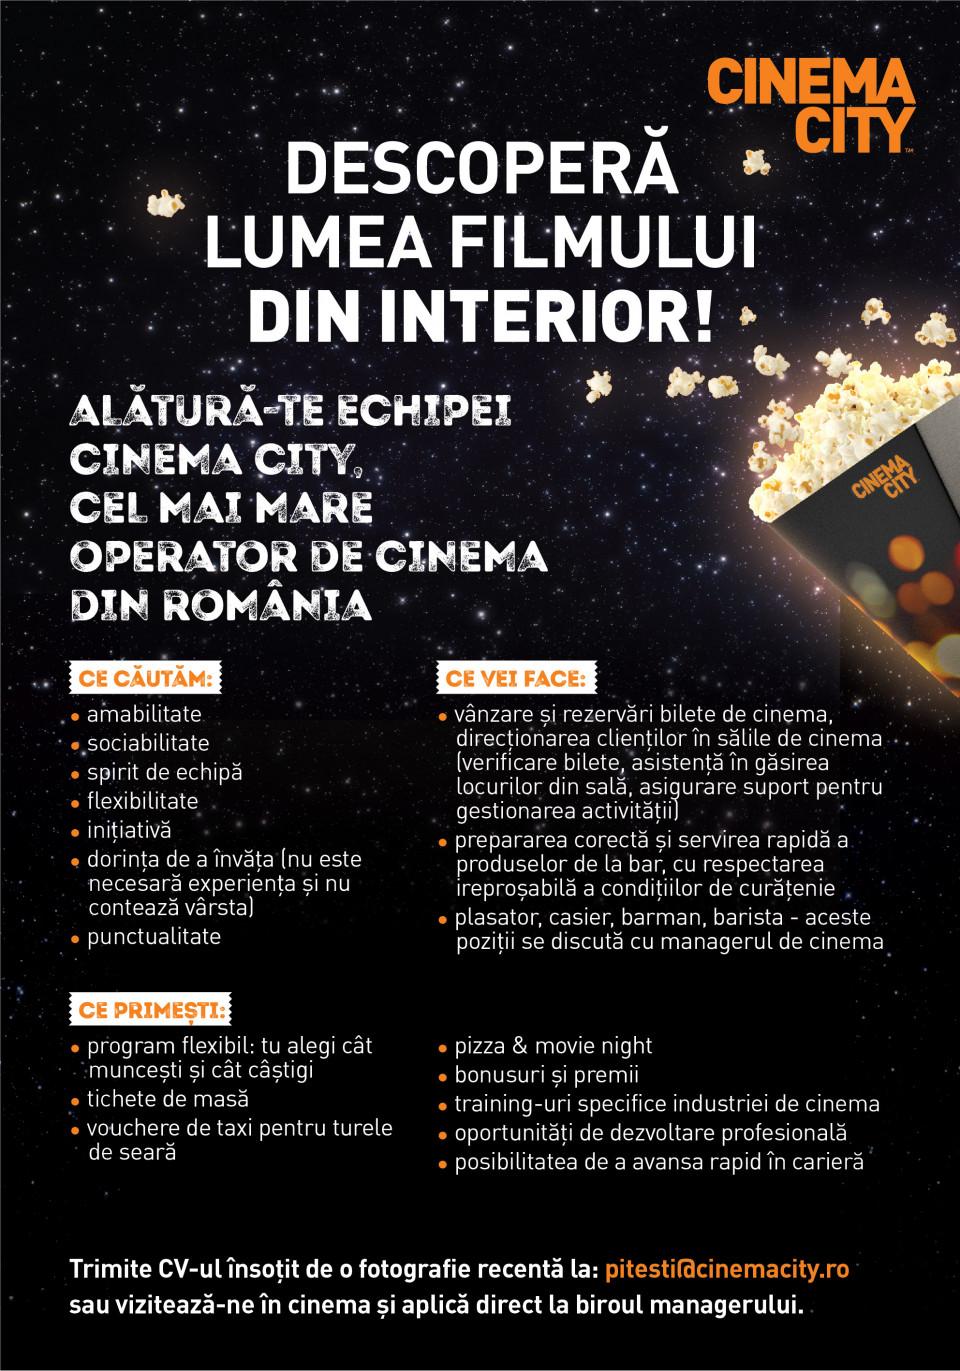 DESCOPERĂ LUMEA FILMULUI DIN INTERIOR!  Alătură-te echipei Cinema City, cel mai mare operator de cinema din România.  Cum ne dorim sa fie noul nostru coleg:  Cu atitudine pozitivă Dornic să învețe (nu este necesară experiența și nu contează vârsta) Punctual Cu bune abilități de comunicare și relaționare Amabil Să îi placă să lucreze în echipă Determinat Cu inițiativă Căutăm colegi care să descopere cu entuziasm lumea filmului din interior pentru următoarele roluri  Barman / Barista / Casier / Plasator  În funcție de rolul potrivit pentru tine, responsabilitățile generale ar putea fi:  - vânzarea de bilete și rezervări bilete de cinema, direcționarea clienților în cinema (verificare bilete, asistență în găsirea locurilor din sală, asigurare suport pentru gestionarea activității);  - preparea corectă și servirea rapidă a produselor de la bar sau cafenea, cu respectarea ireproșabilă a condițiilor de curățenie;  - întâmpinarea clienților și oferirea informațiilor corecte despre produsele noastre;  Barman / Barista / Casier / Plasator – aceste poziții se discută în cadrul interviului.  Ce îți garantăm:  - Program flexibil (tu alegi cât muncești și cât câștigi) - Tichete de masa - Pizza & Movie night - Bonusuri și premii - Training-uri specifice industriei de cinema - Vouchere de taxi pentru turele de seară - Oportunități de dezvoltare profesională - Posibilitatea de a avansa rapid în carieră  Punem accent pe dezvoltarea oamenilor și ne dorim ca fiecare coleg să fie foarte bine pregătit profesional existând șanse de promovare. Dezvoltă și tu o carieră în industria de cinema!  Trimite CV-ul insotit de o fotografie recenta la: pitesti@cinemacity.ro sau viziteaza-ne in cinema si aplica direct la biroul managerului.  Te așteptăm cu drag! Descoperă lumea filmului din interior!Alătură-te echipei Cinema City, cel mai mare operator de cinema din România, parte din Cineworld, al doilea mare lanț de cinematografe din lume!Ne dorim să fim cel mai bun loc unde se vizionează filmele ș